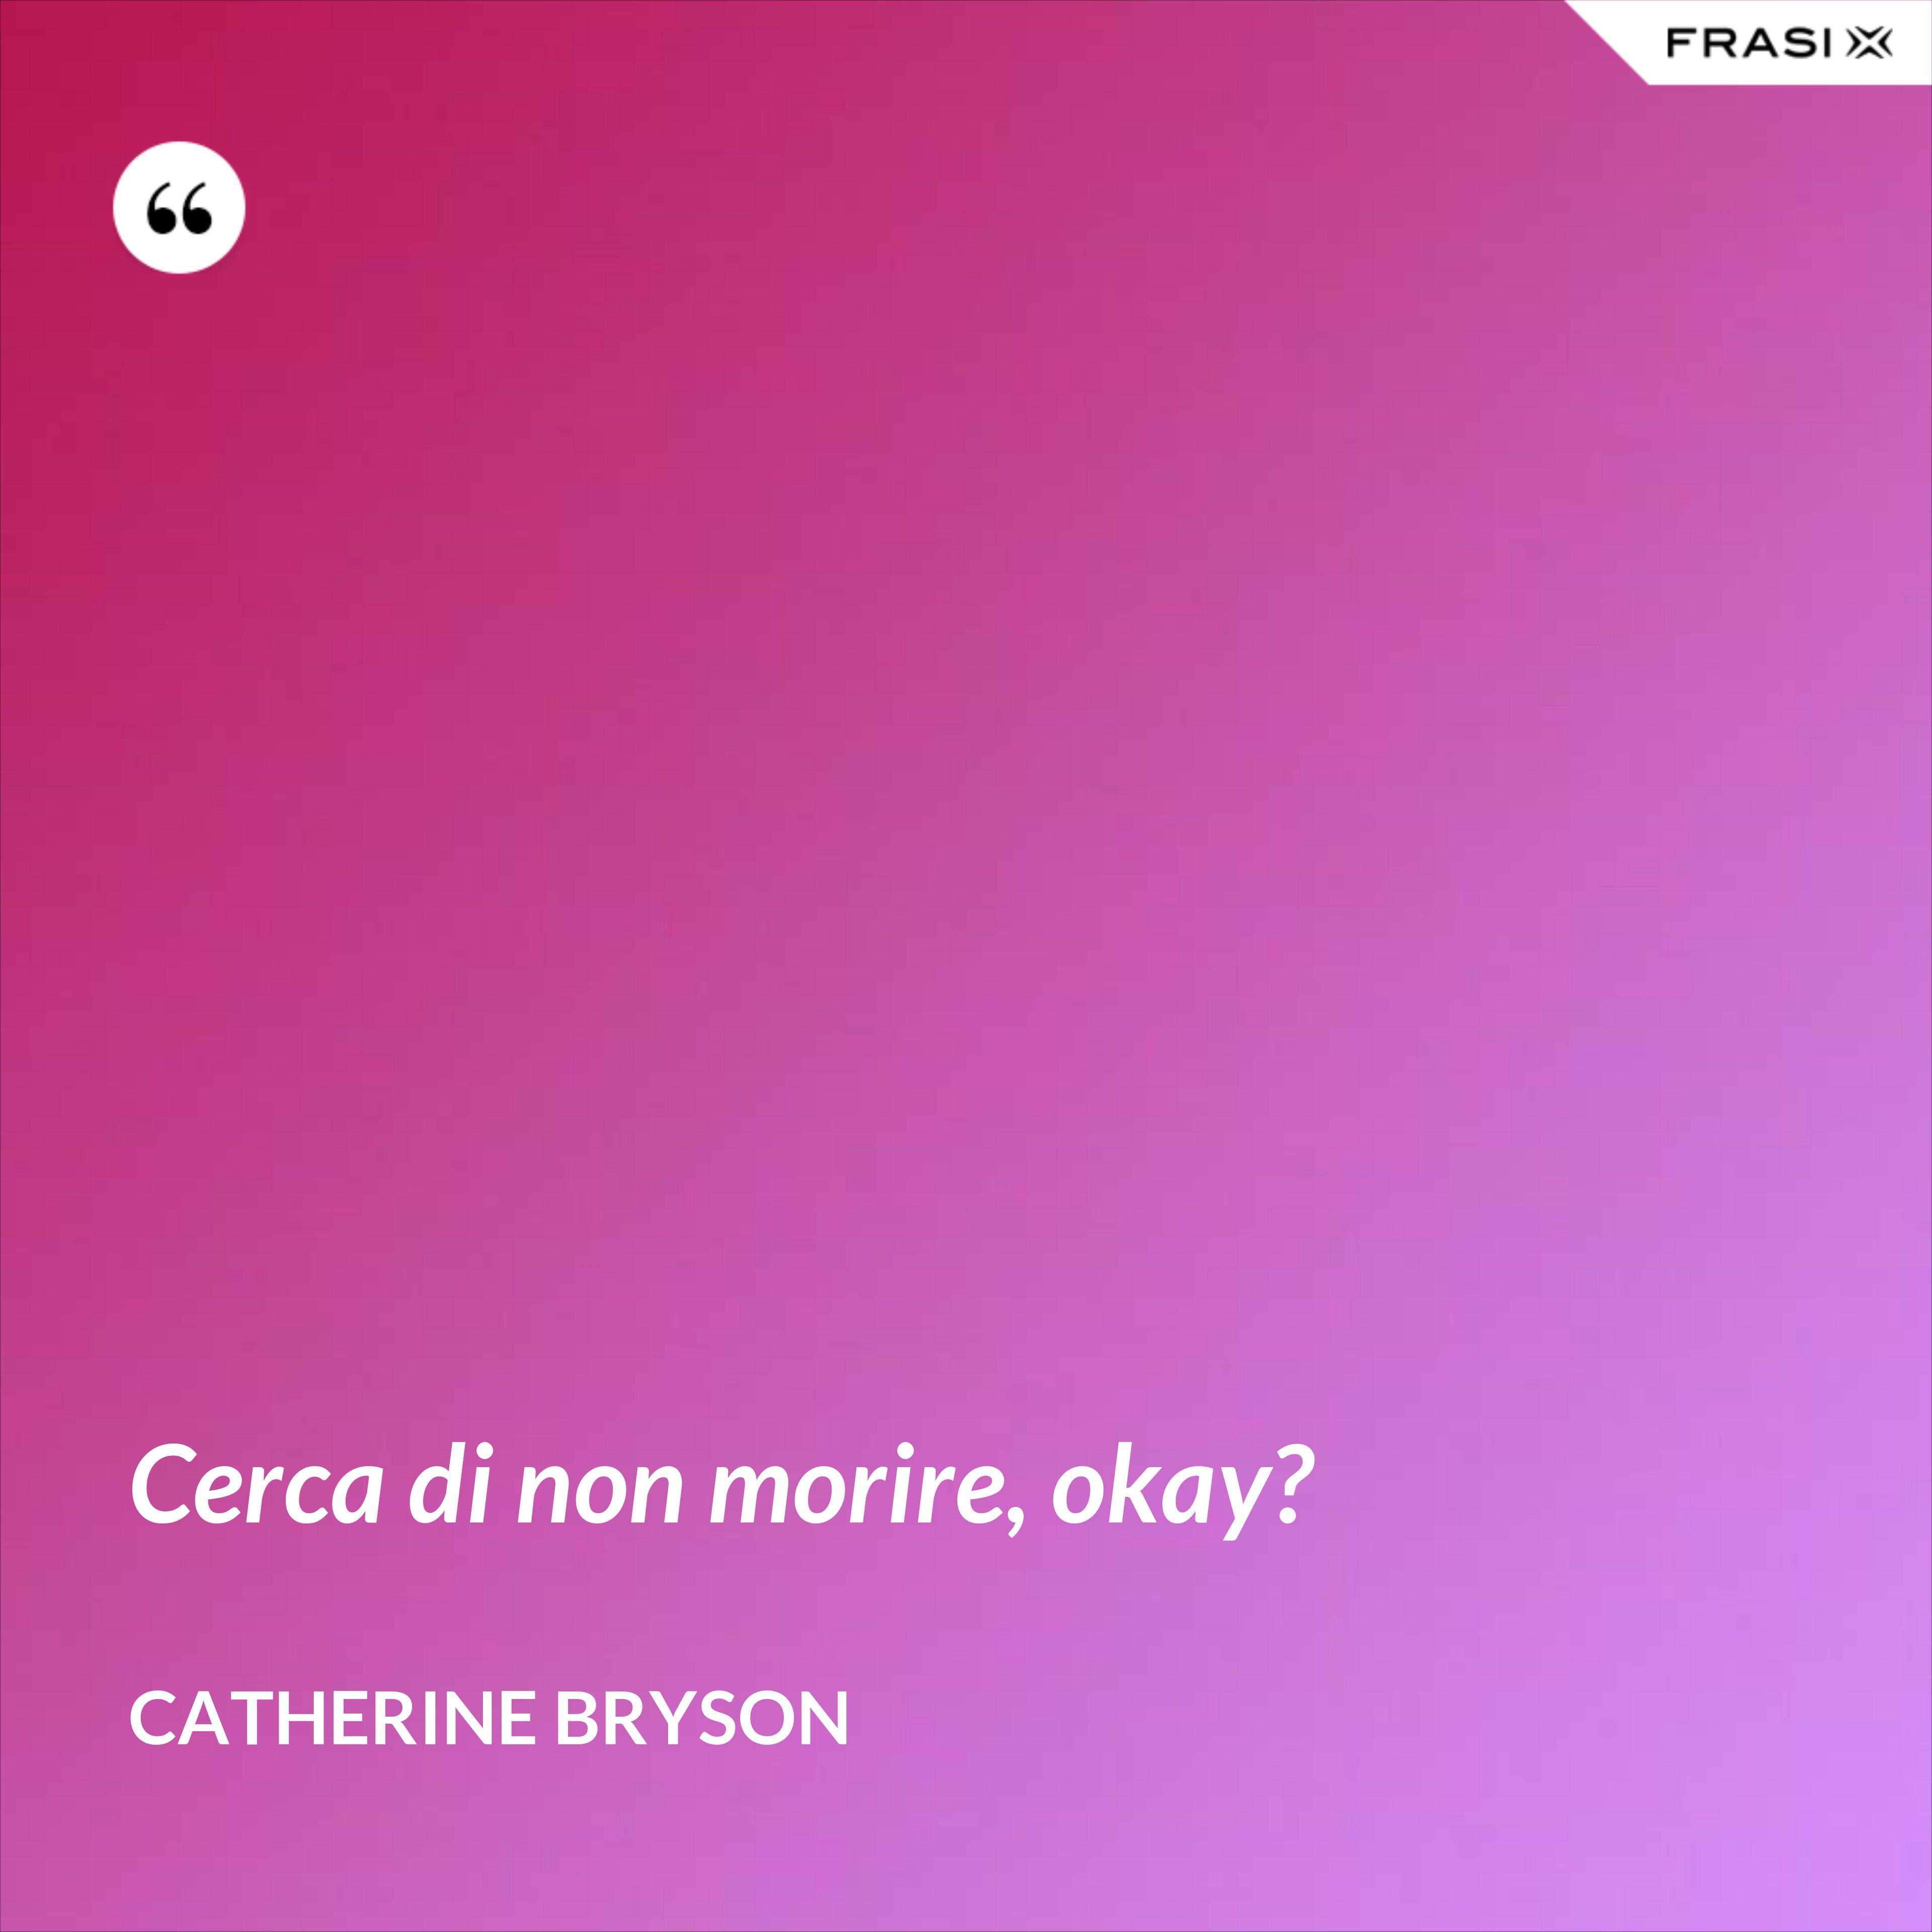 Cerca di non morire, okay? - Catherine Bryson